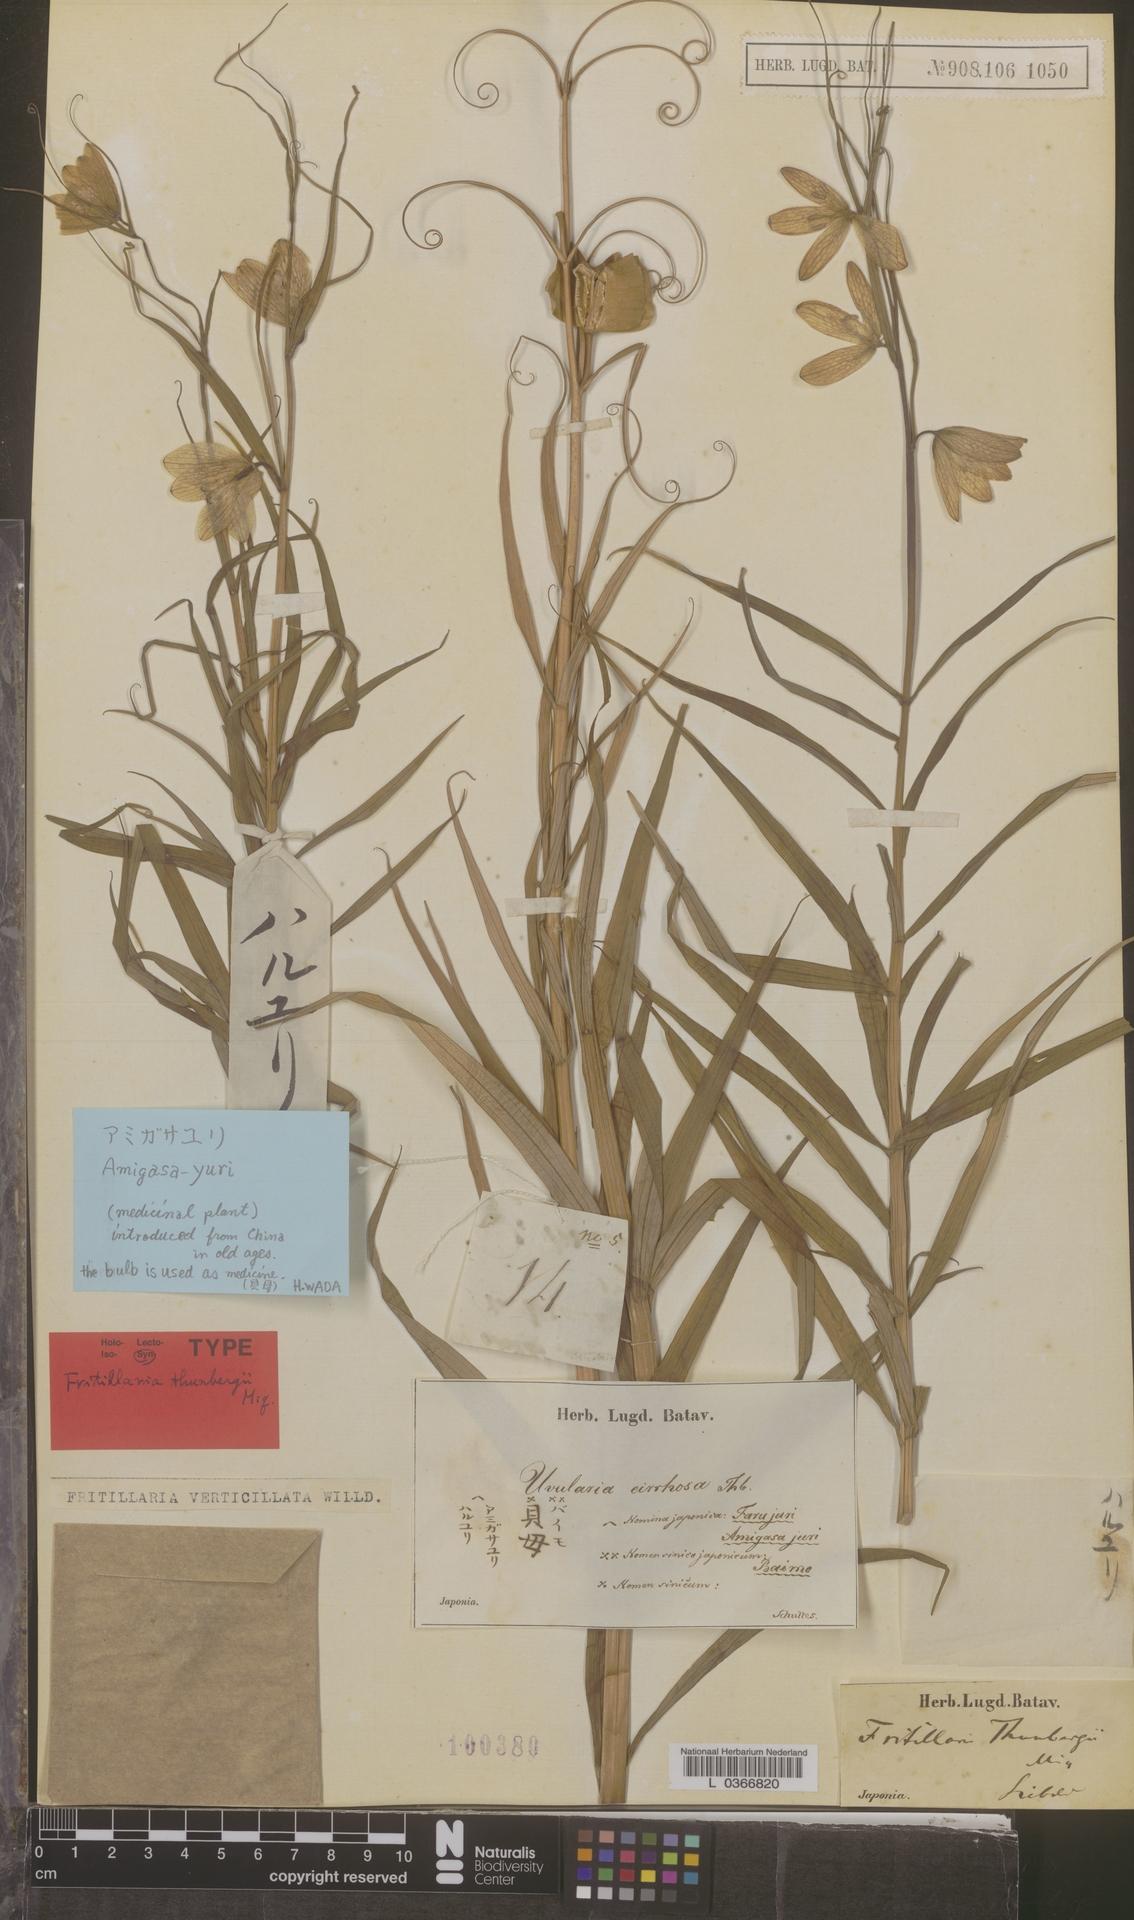 L  0366820 | Fritillaria verticillata Willd.